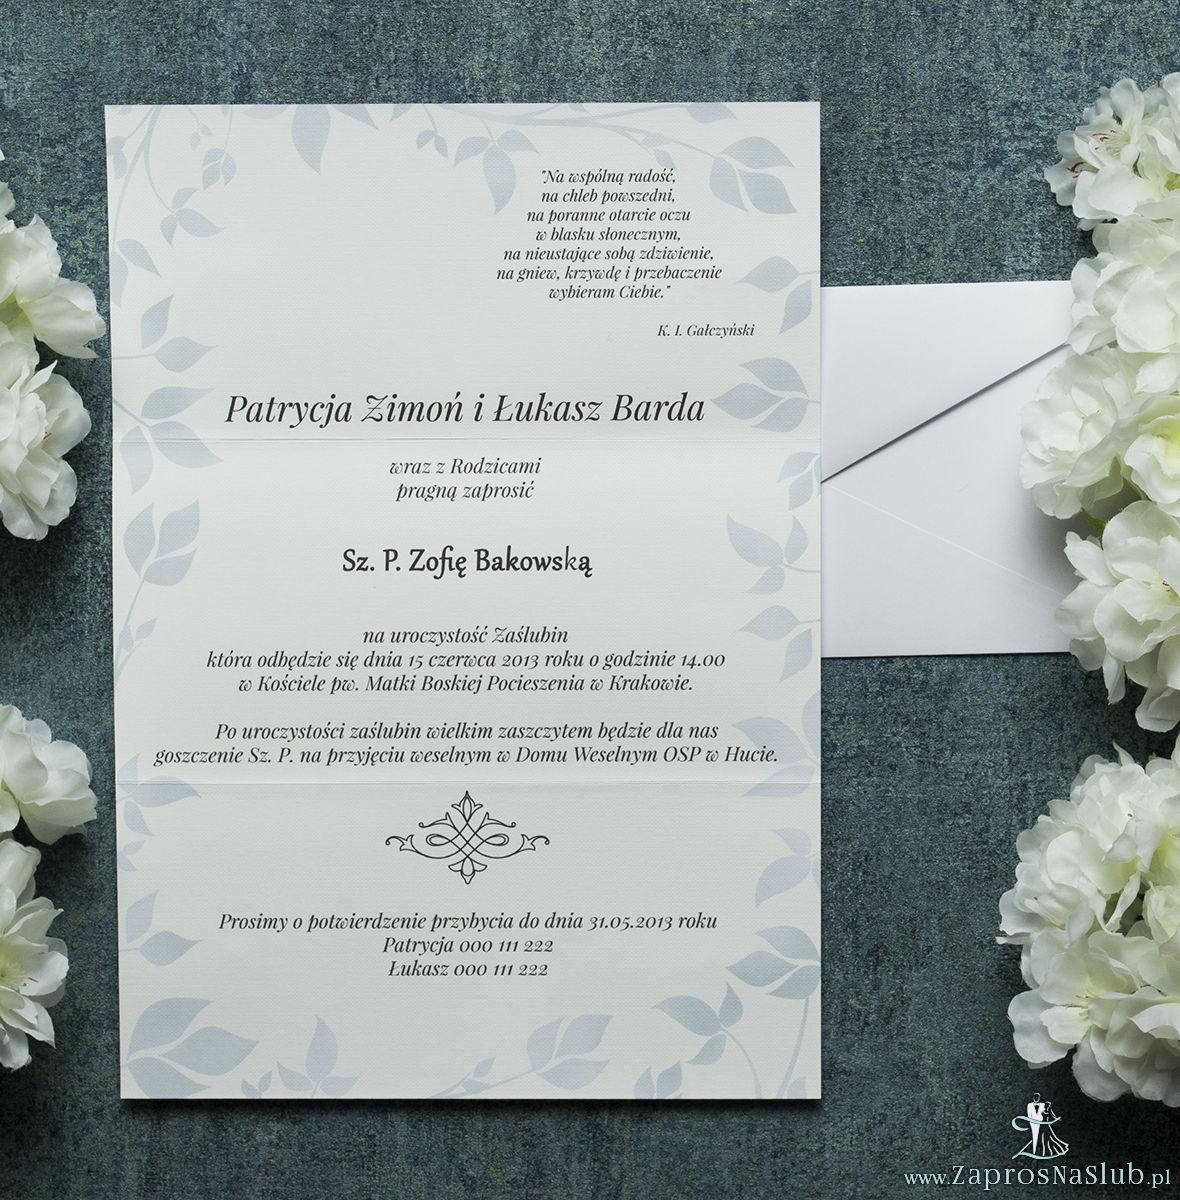 Składane na trzy części kwiatowe zaproszenia ślubne w formacie DL. Kwiaty - chabry (bławatki), ciemnoniebieska kokardka i interesujący motyw ozdobny. ZAP-95-08